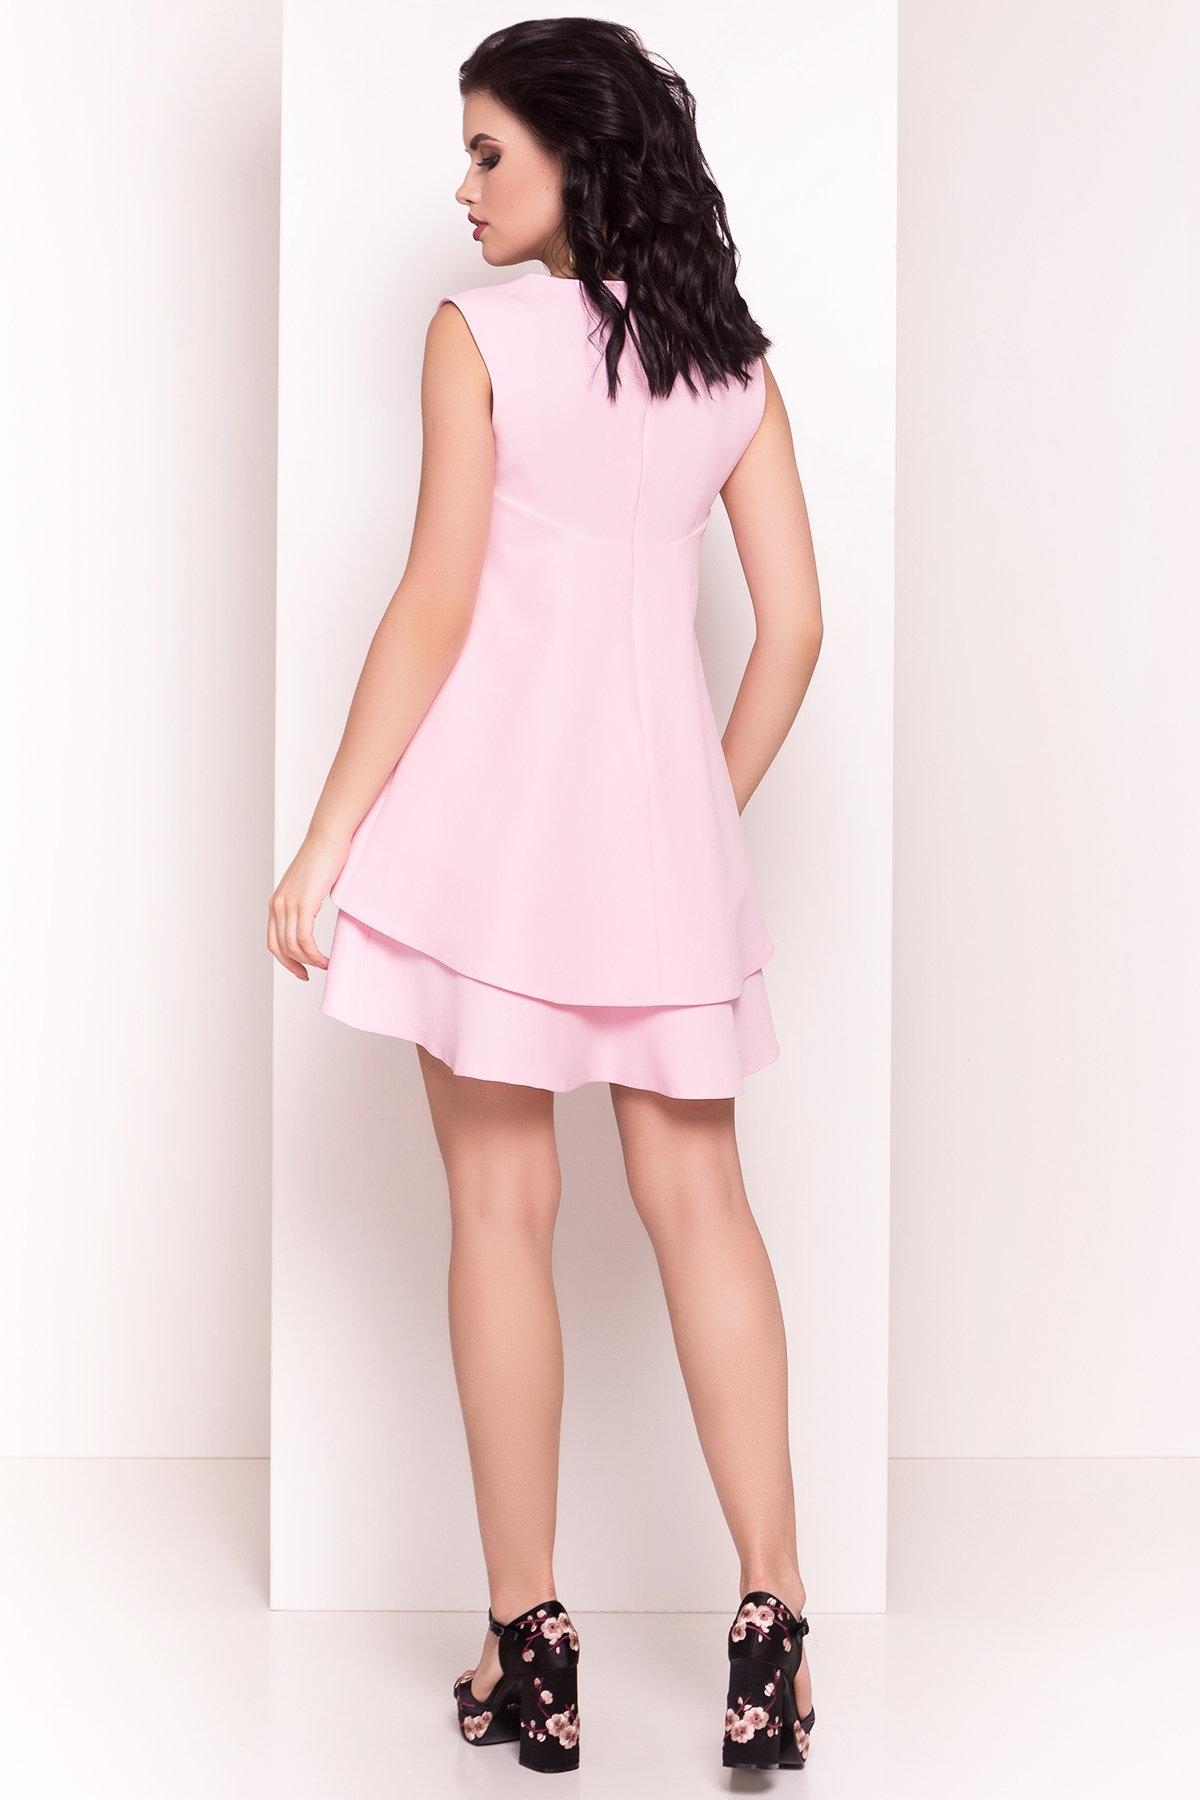 Платье Делафер 2965 АРТ. 15709 Цвет: Светло-розовый - фото 3, интернет магазин tm-modus.ru